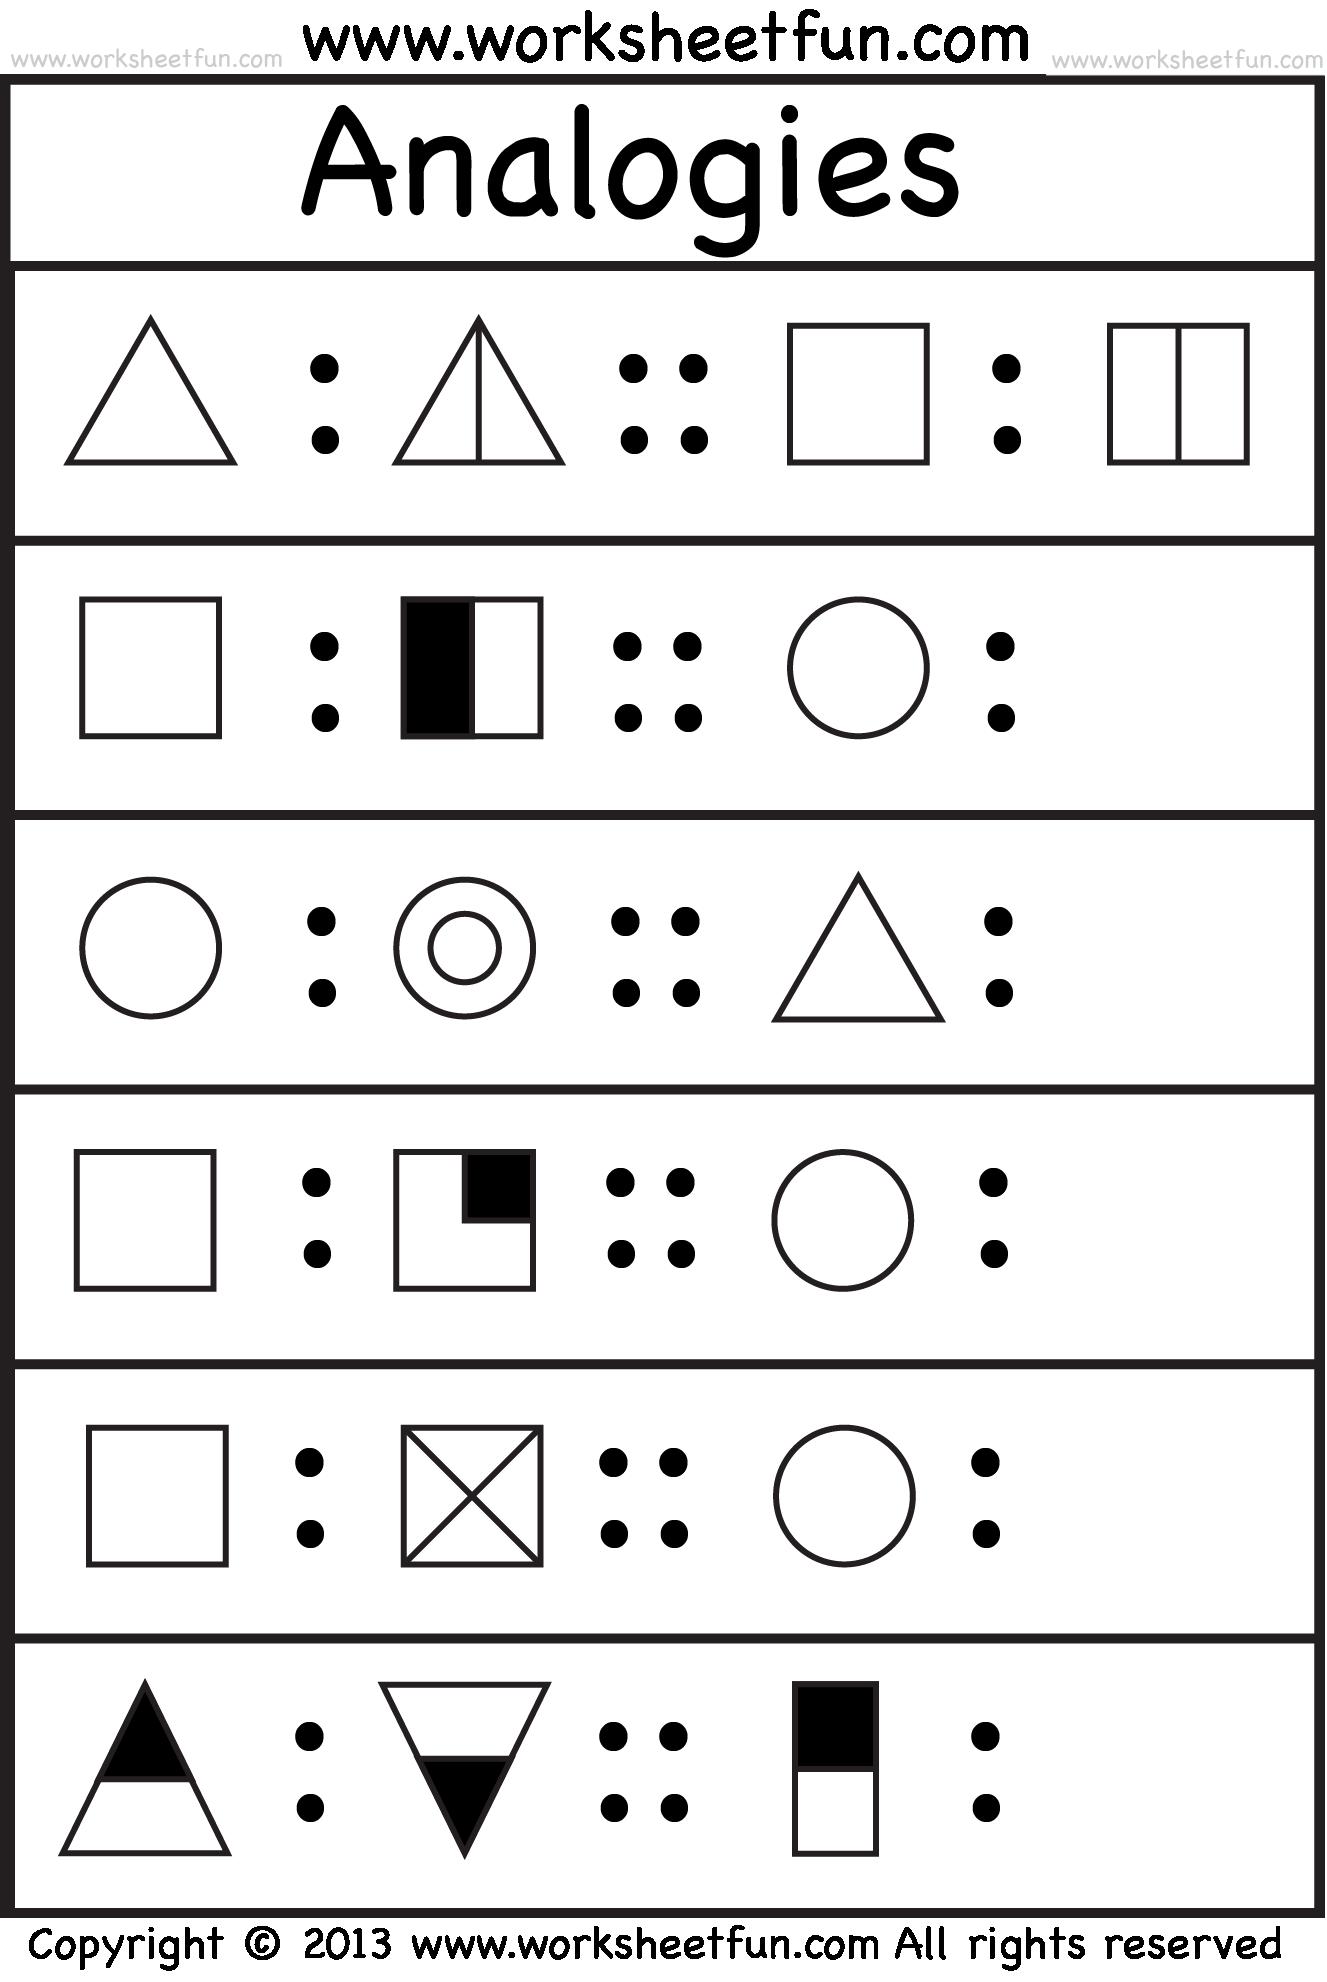 picture_analogies_wfun_2.png 1 [ 1982 x 1327 Pixel ]